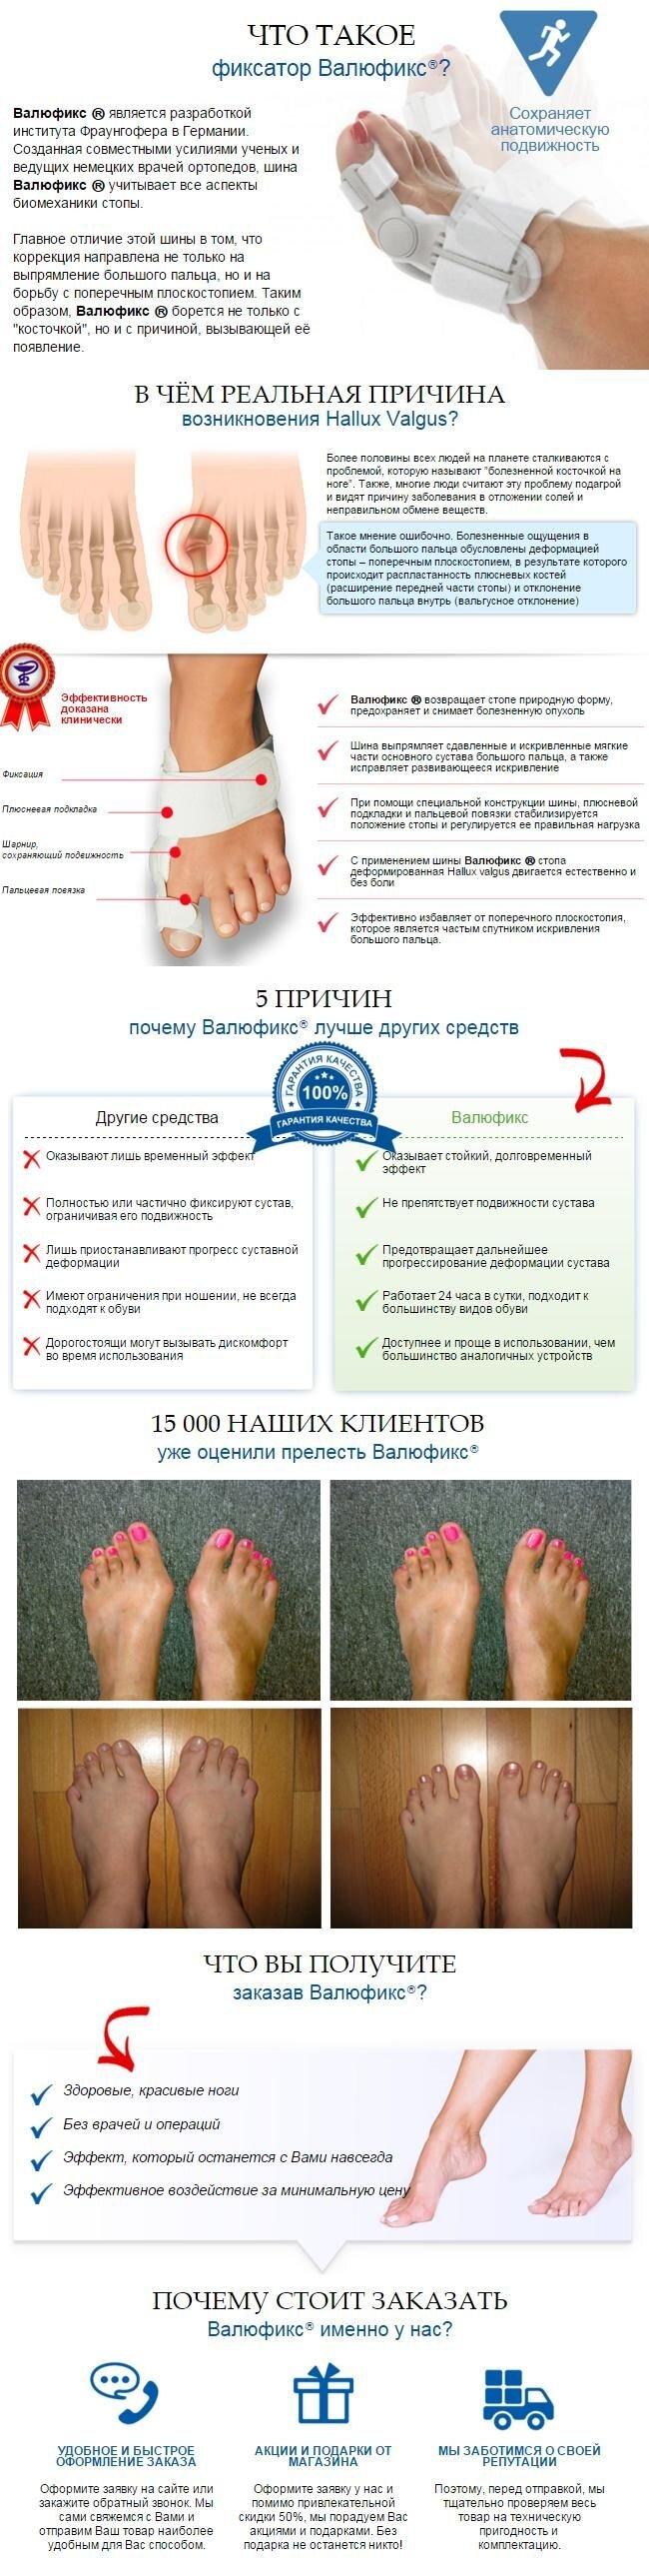 Шина Валюфикс при вальгусной деформации стопы - фото купить валюфикс в казахстане